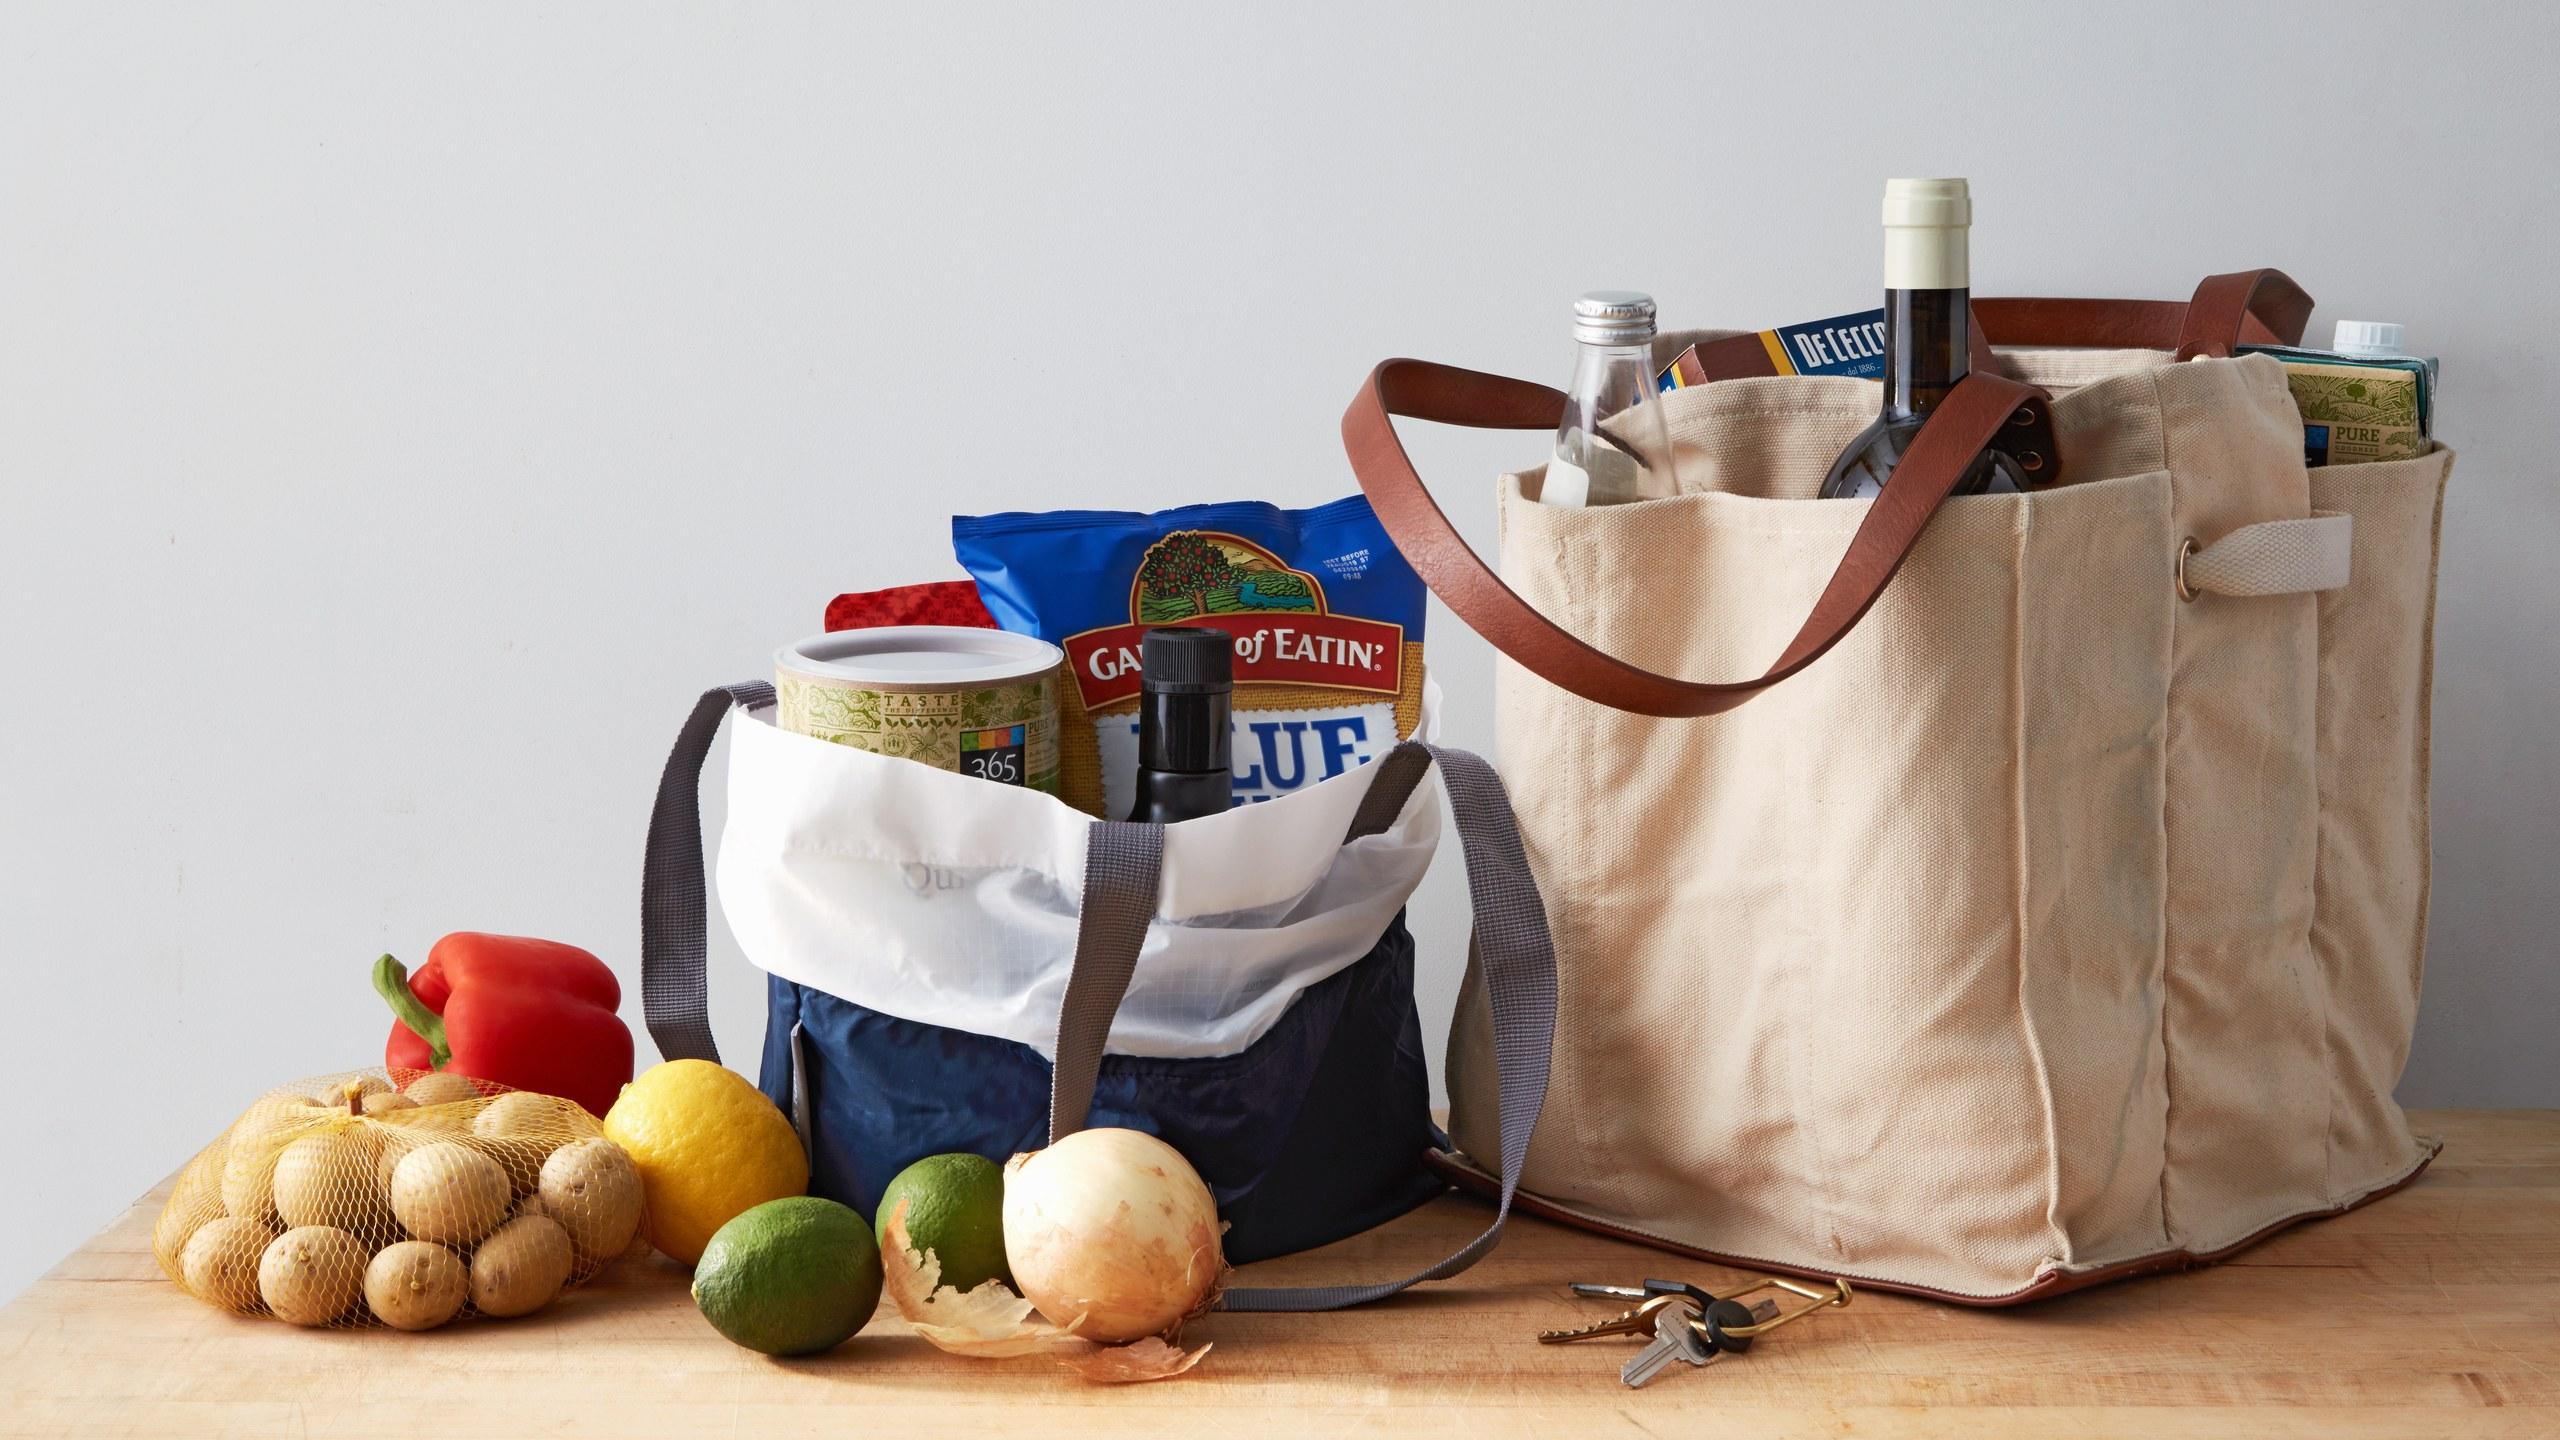 Với chiếc túi vải bạn đang góp phần bảo vệ môi trường khi không cần sử dụng túi ni lông mỗi khi đi chợ nữa.